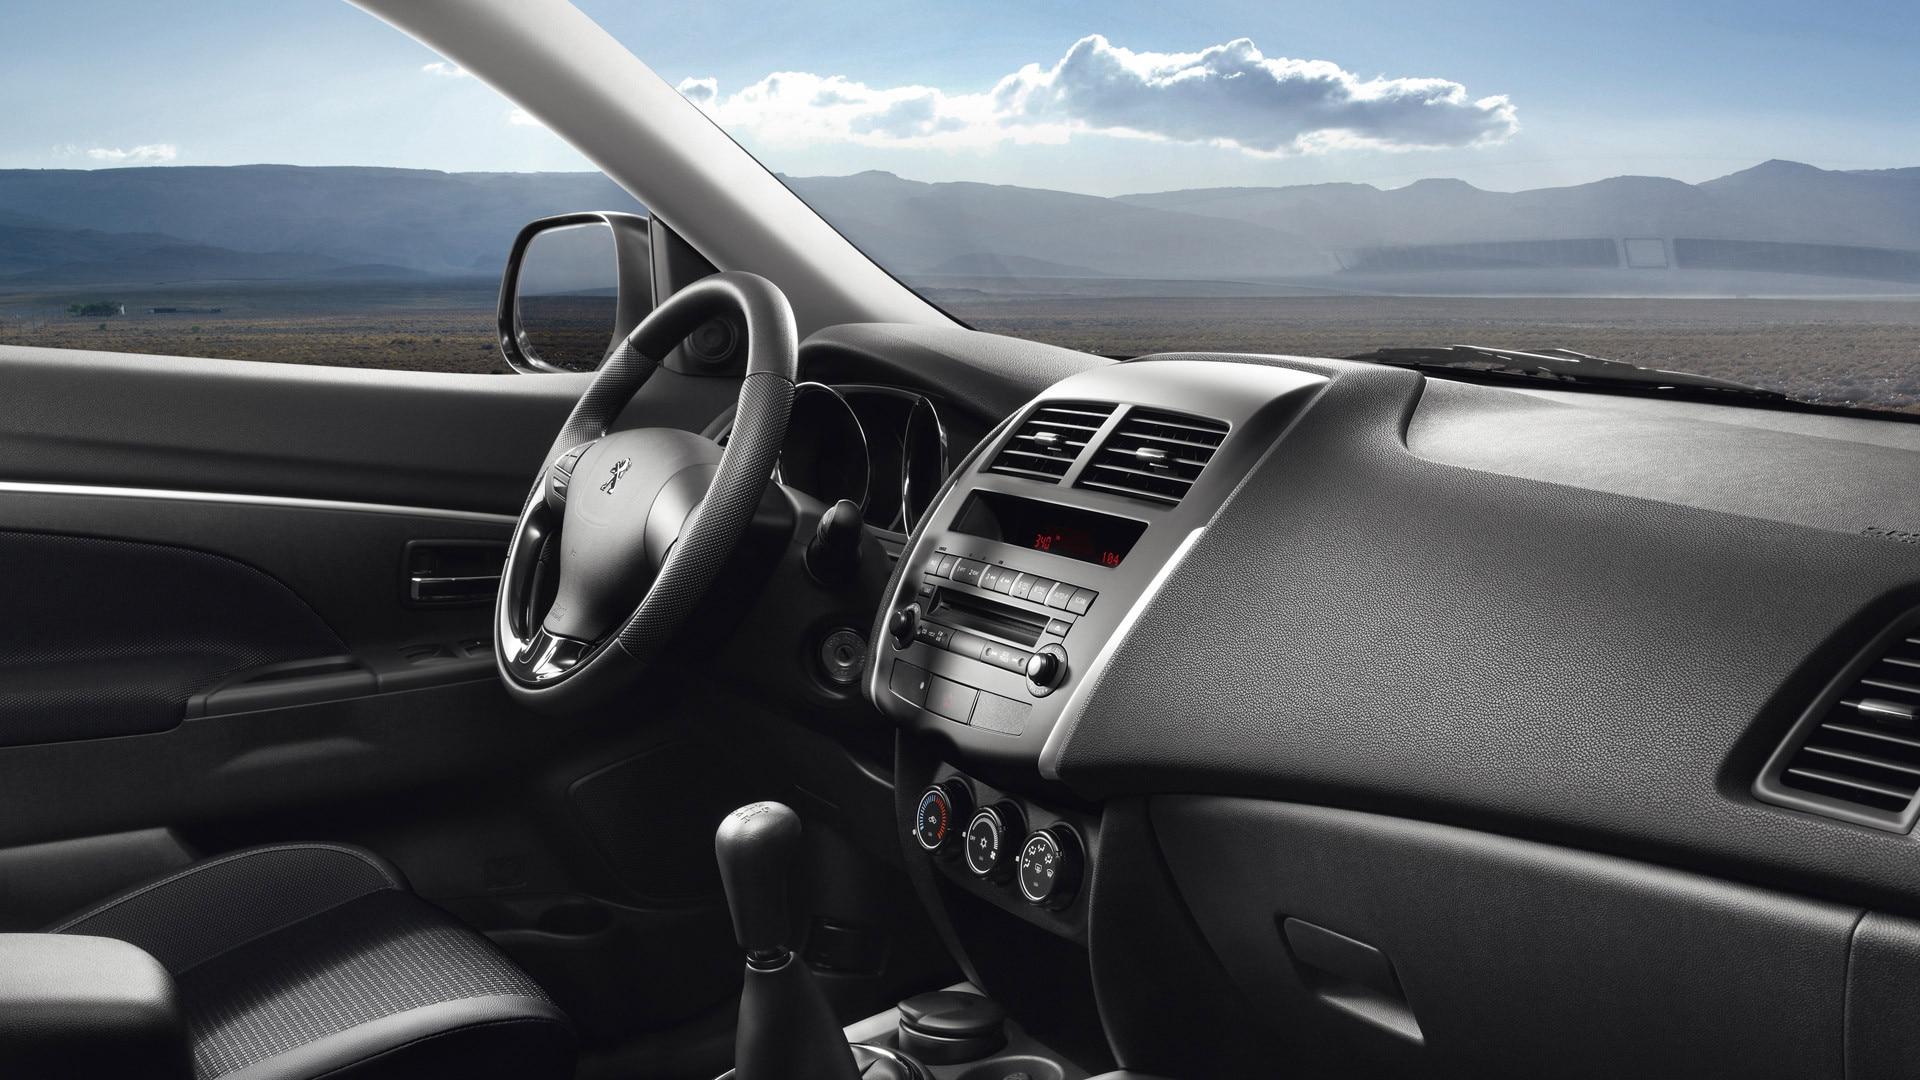 Voiture D Occasion >> Peugeot 4008 SUV   Photos et Vidéos